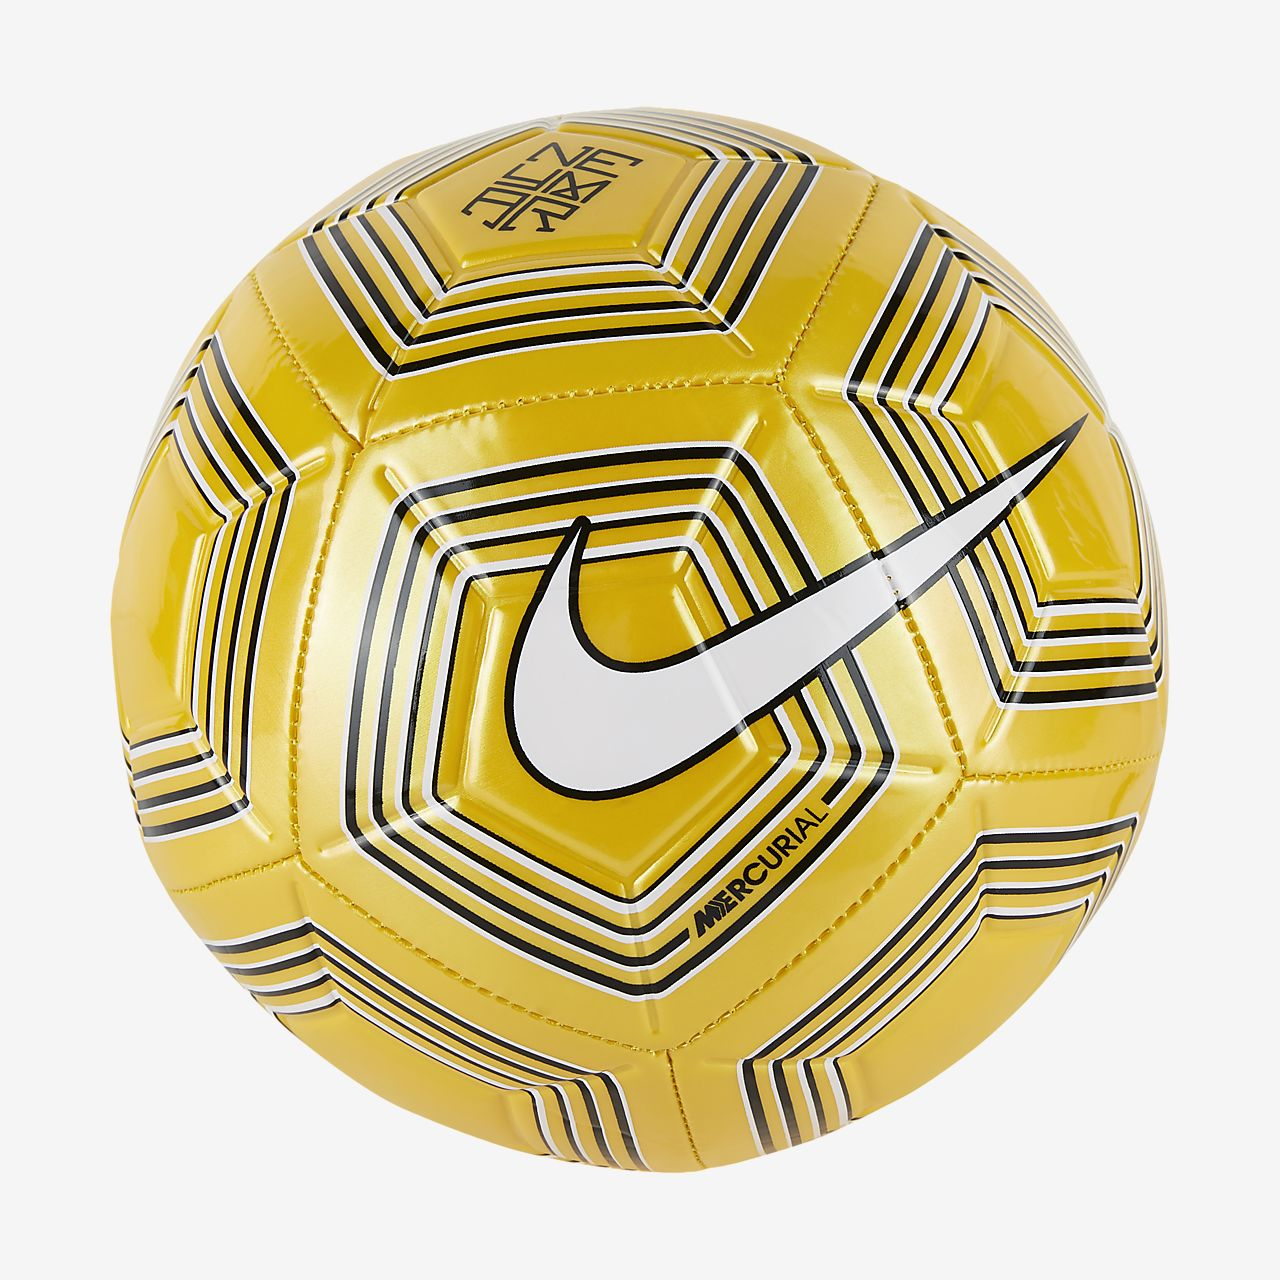 Μπάλα ποδοσφαίρου Neymar Jr Strike